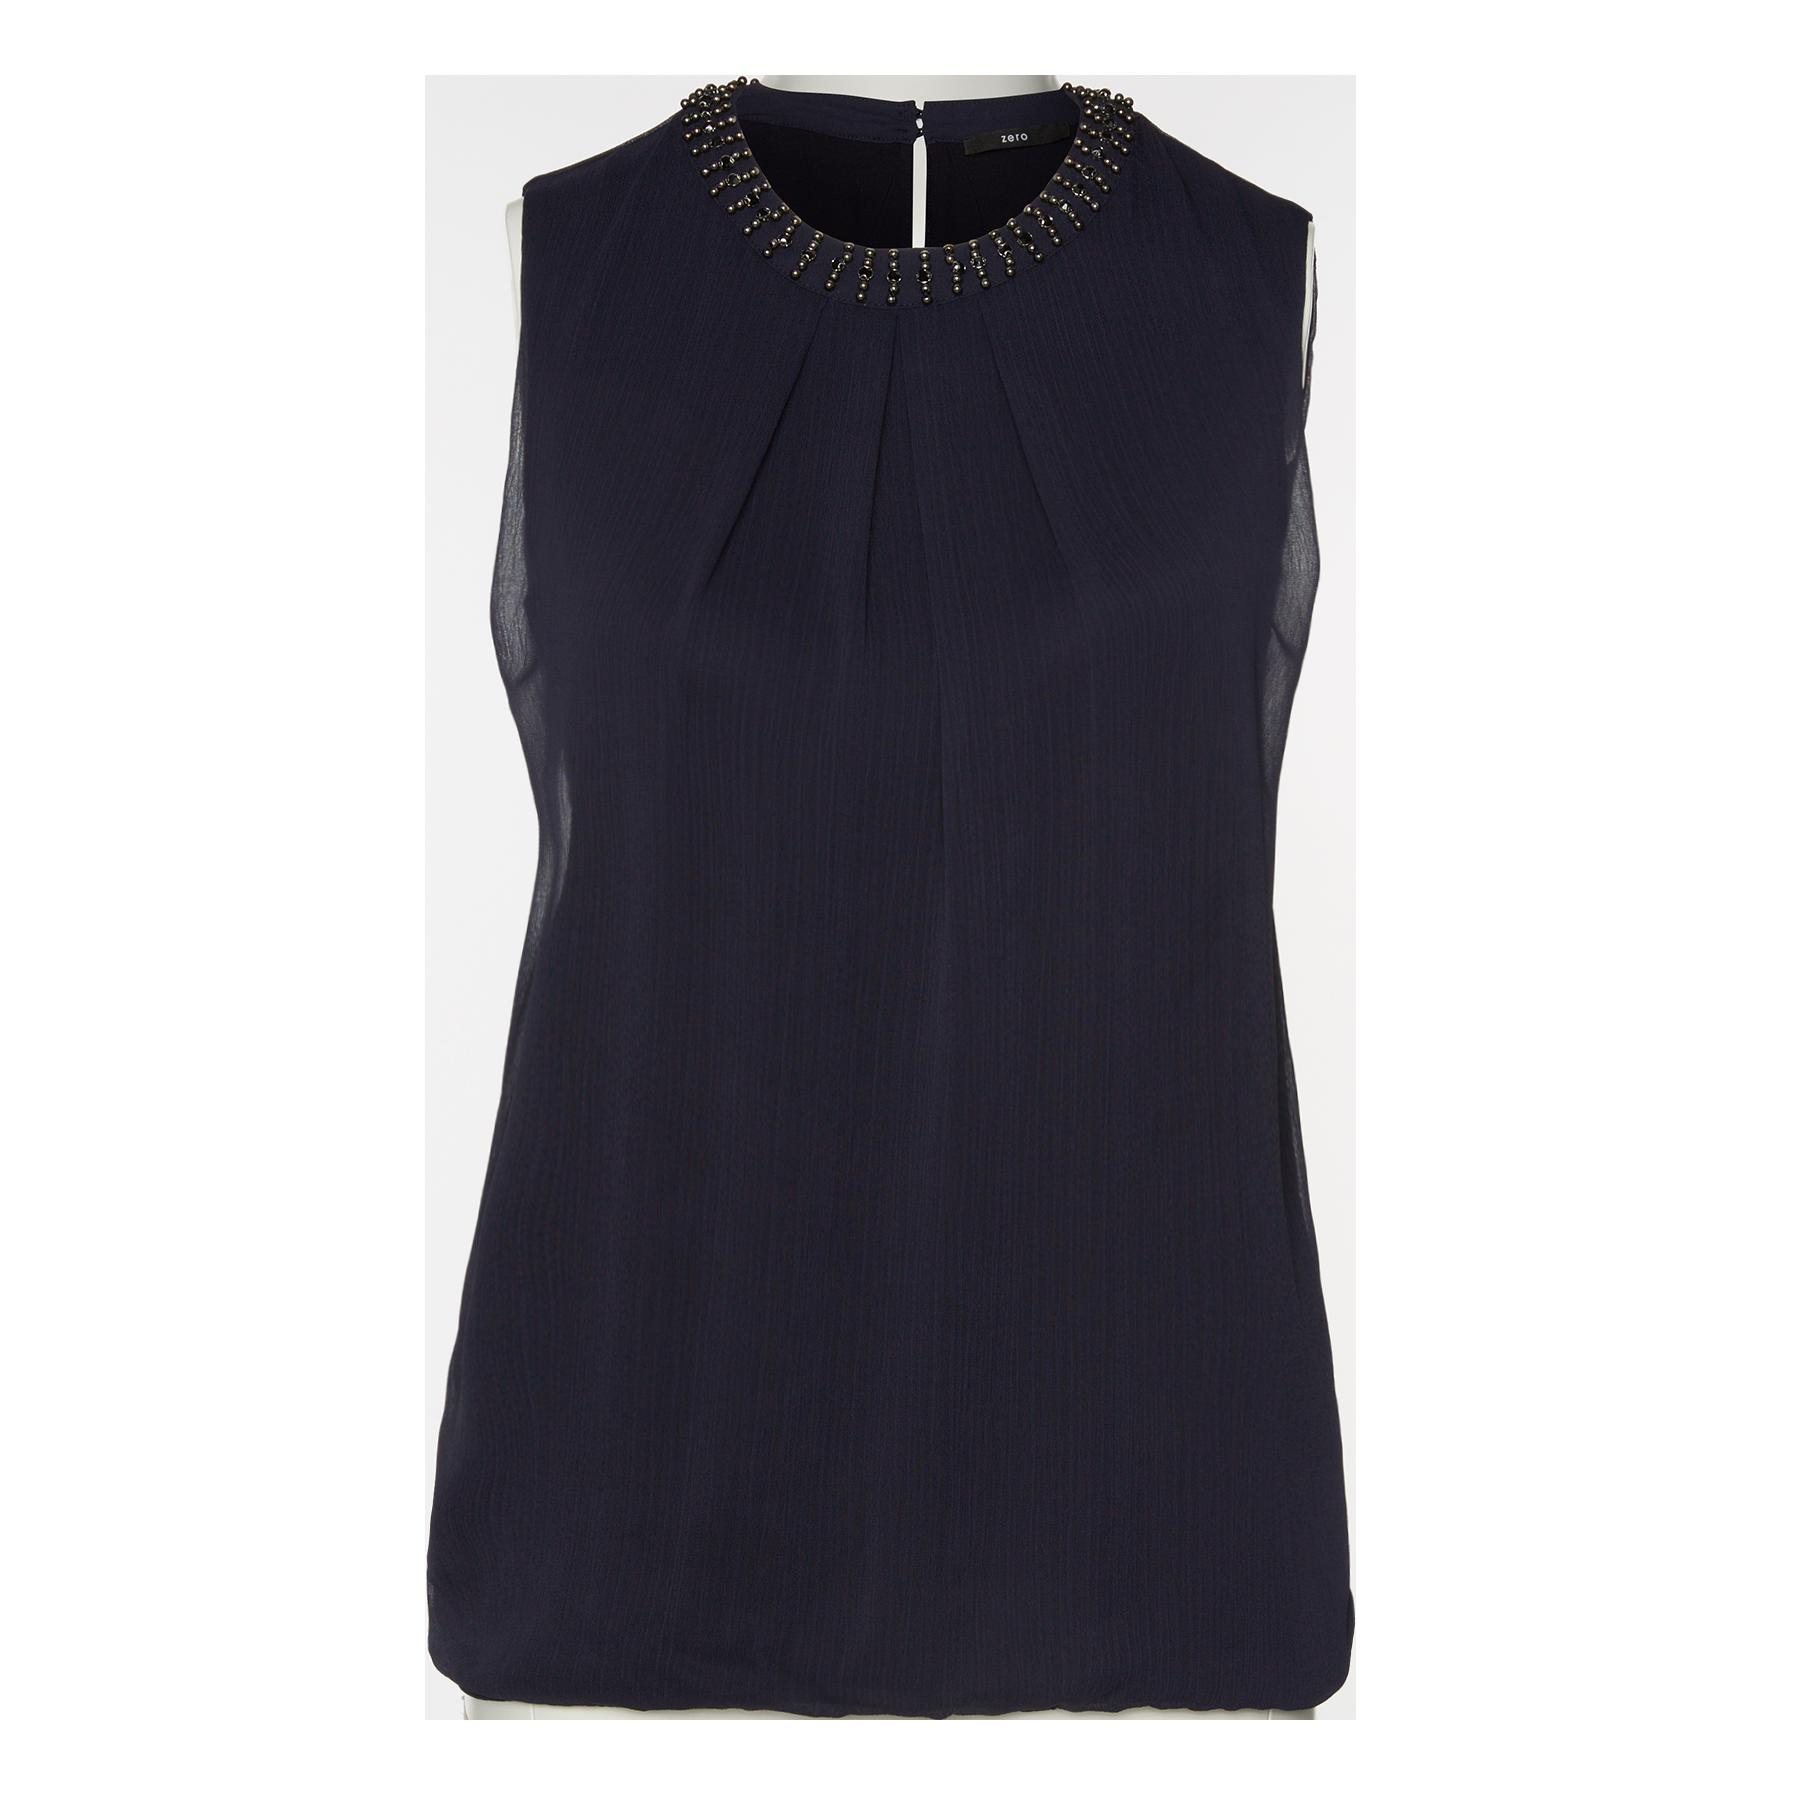 Bluse mit Schmuckstein-Besatz blue black